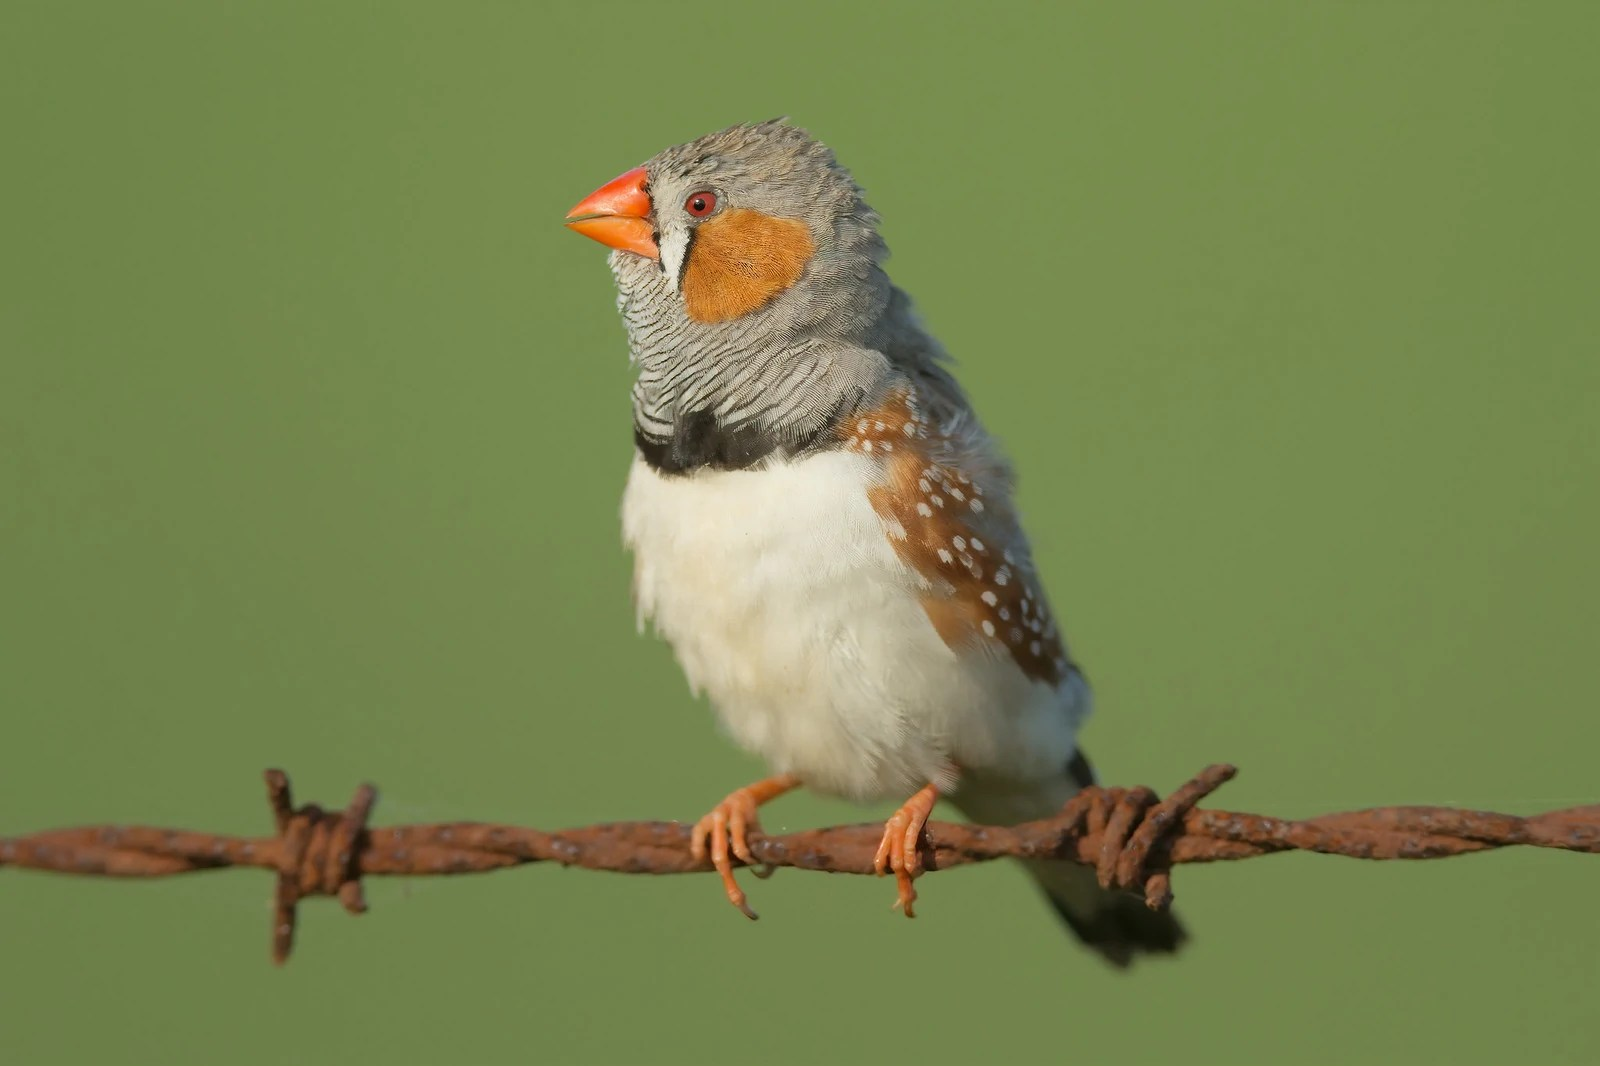 https://i0.wp.com/images.wikia.com/birds/images/e/eb/Zebra-finch-0008.jpg